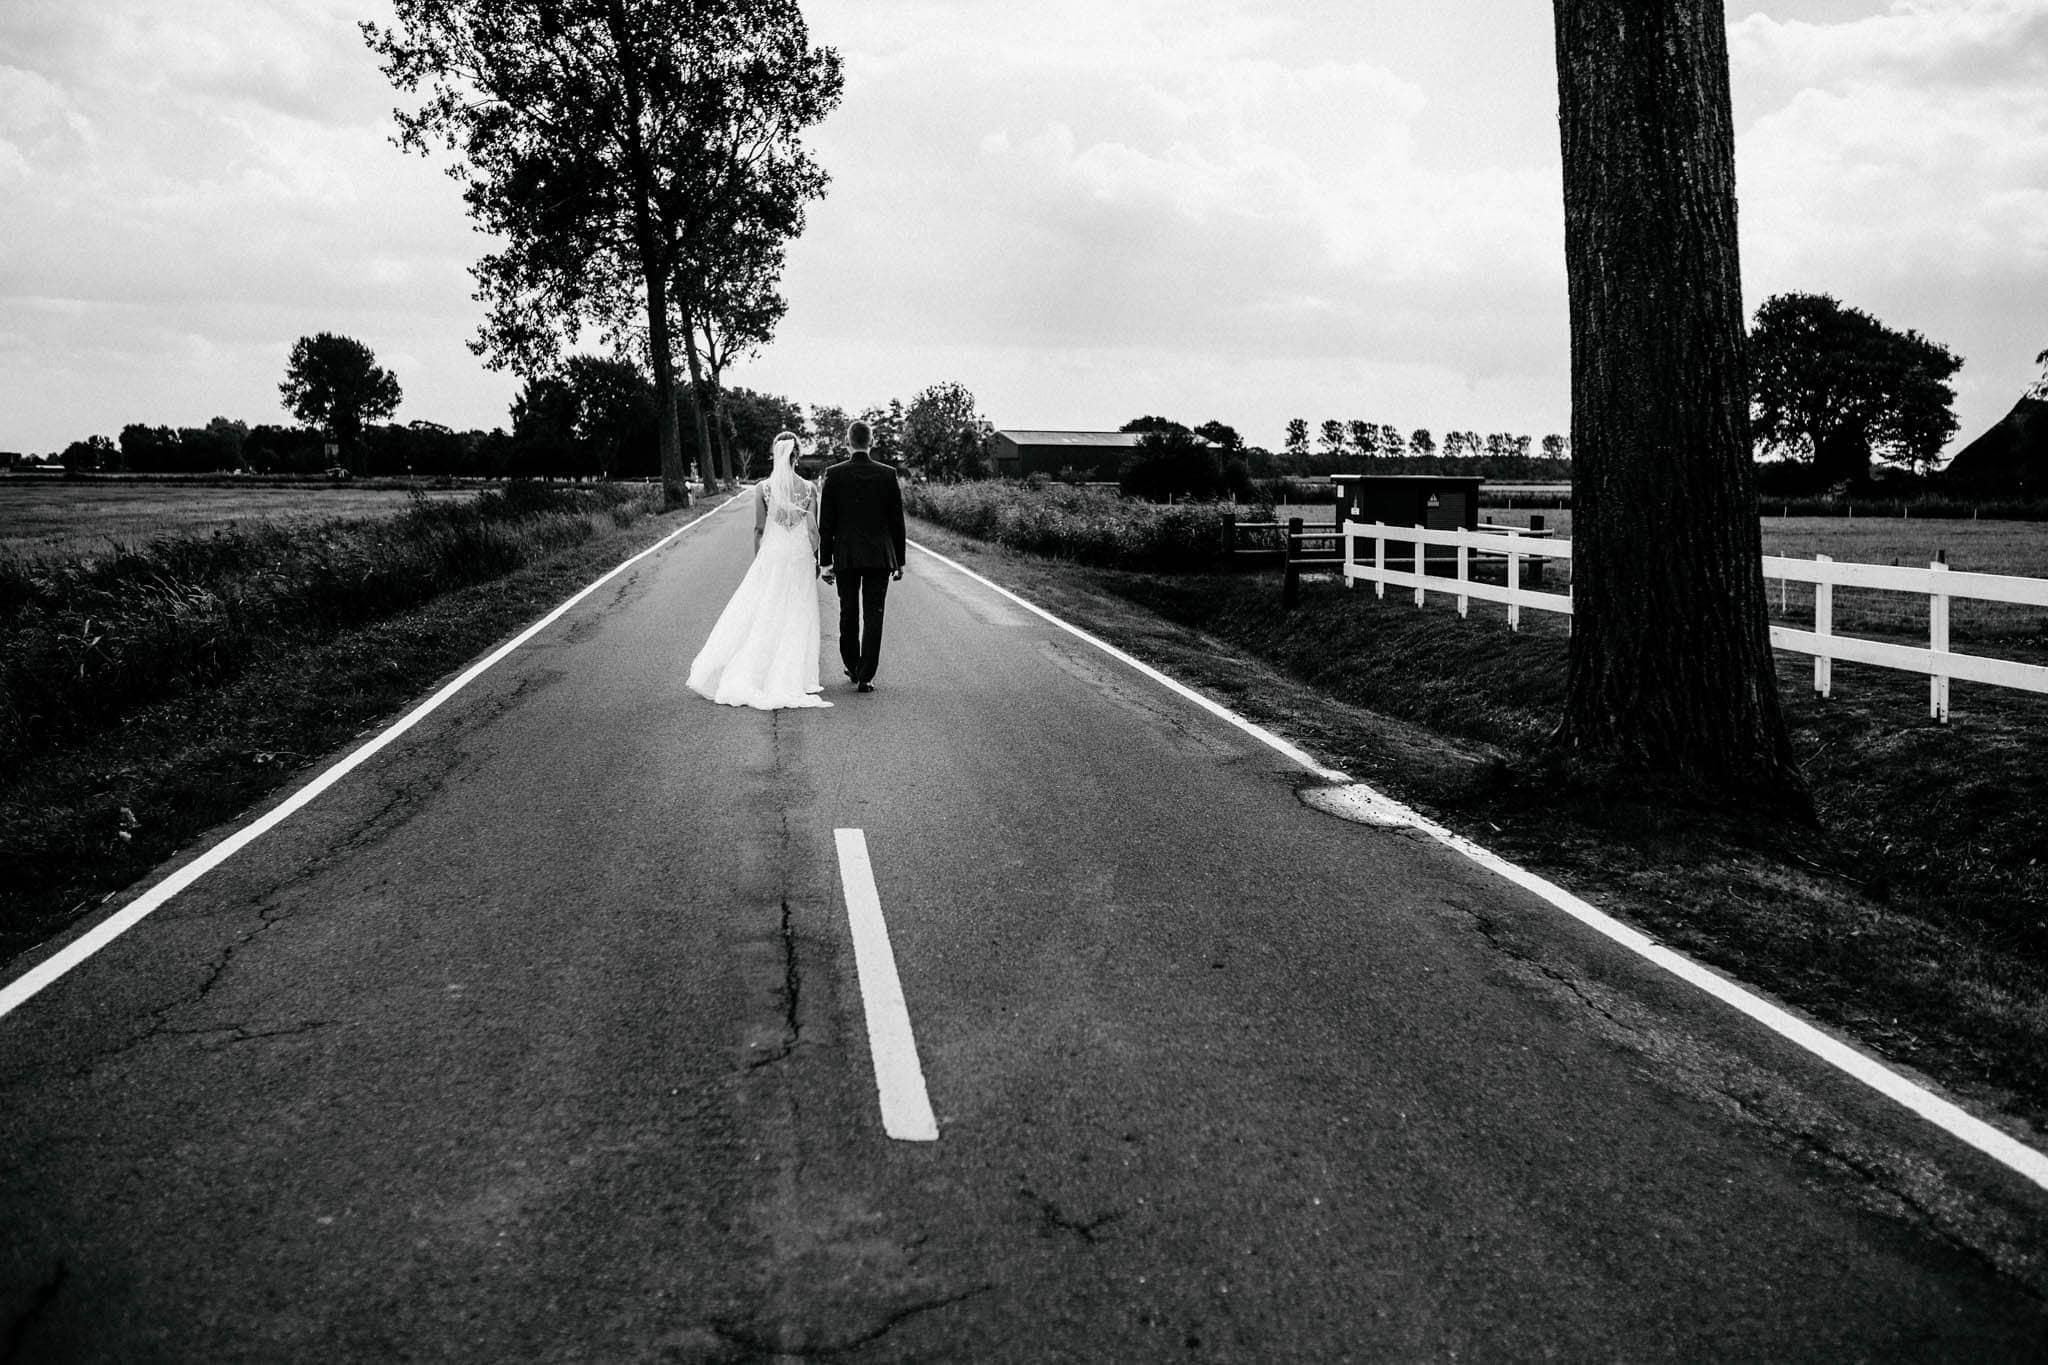 Hochzeitsfieber by Photo-Schomburg, Hoichzeitsfotograf, Hamburg, Wedding, Weddingtime, Hochzeitspaar, Braut, Bräutigam, Hochzeit im Norden,-92